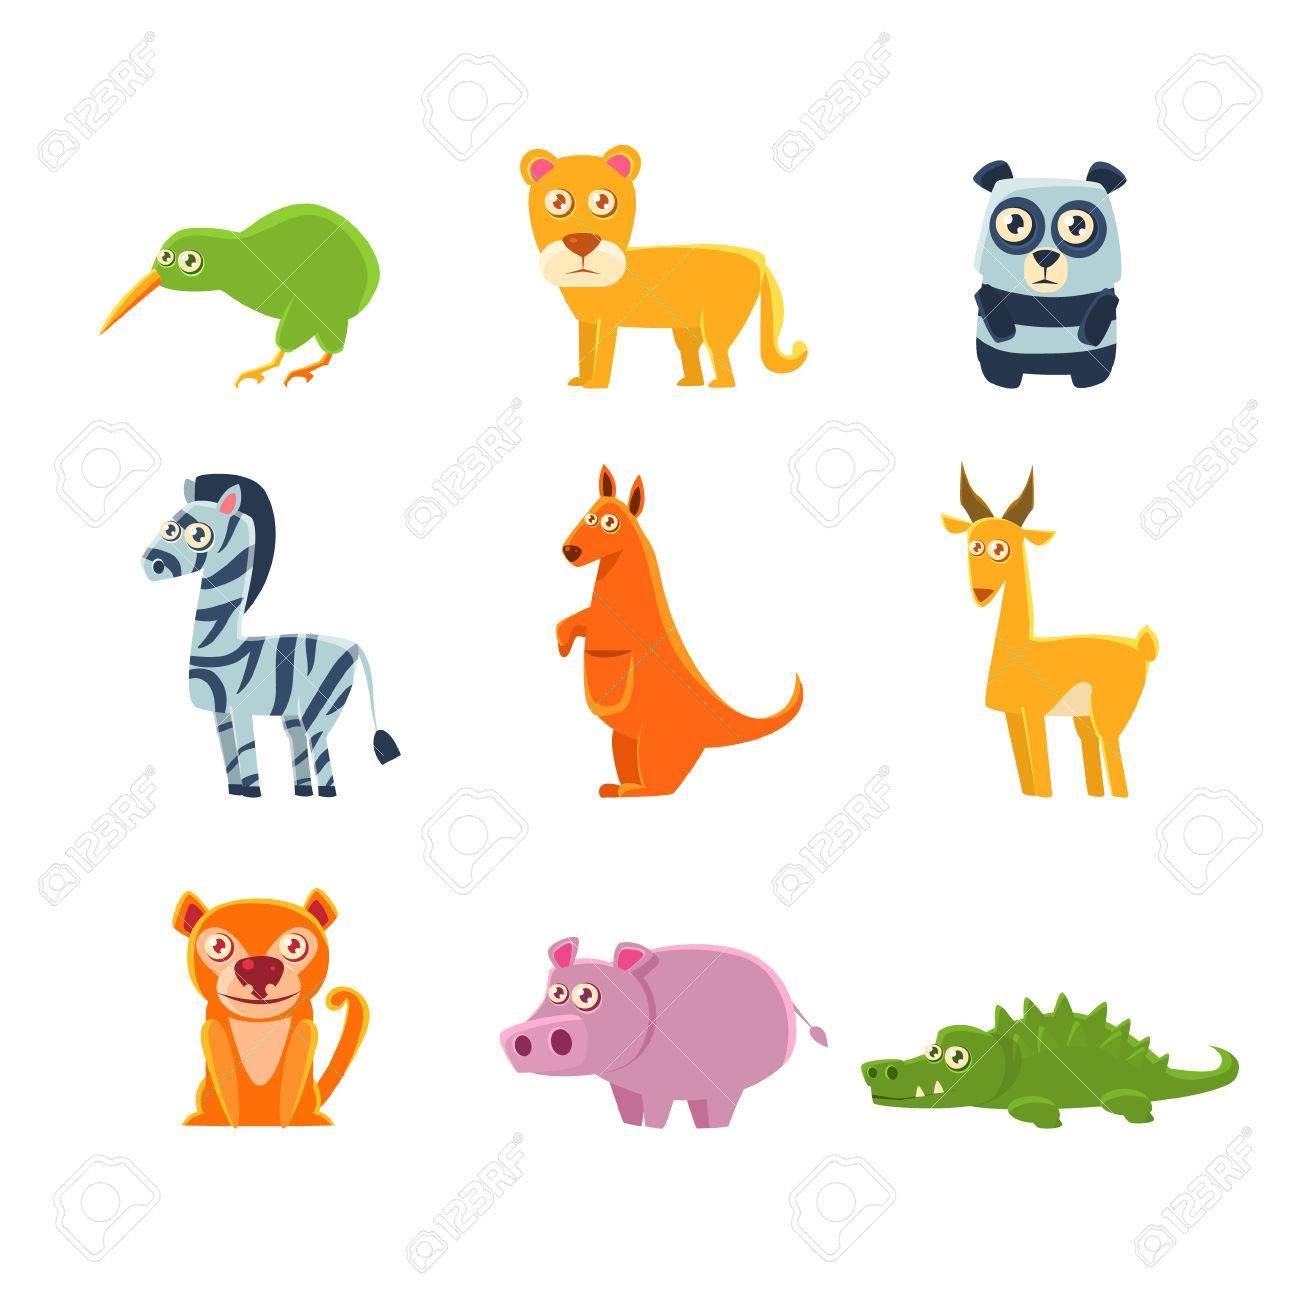 f7868da038aa6 Foto de archivo - Los animales exóticos fauna Colección De Dibujos  infantiles tontos Aislado en el fondo blanco. Animal divertido engomadas  coloridas del ...